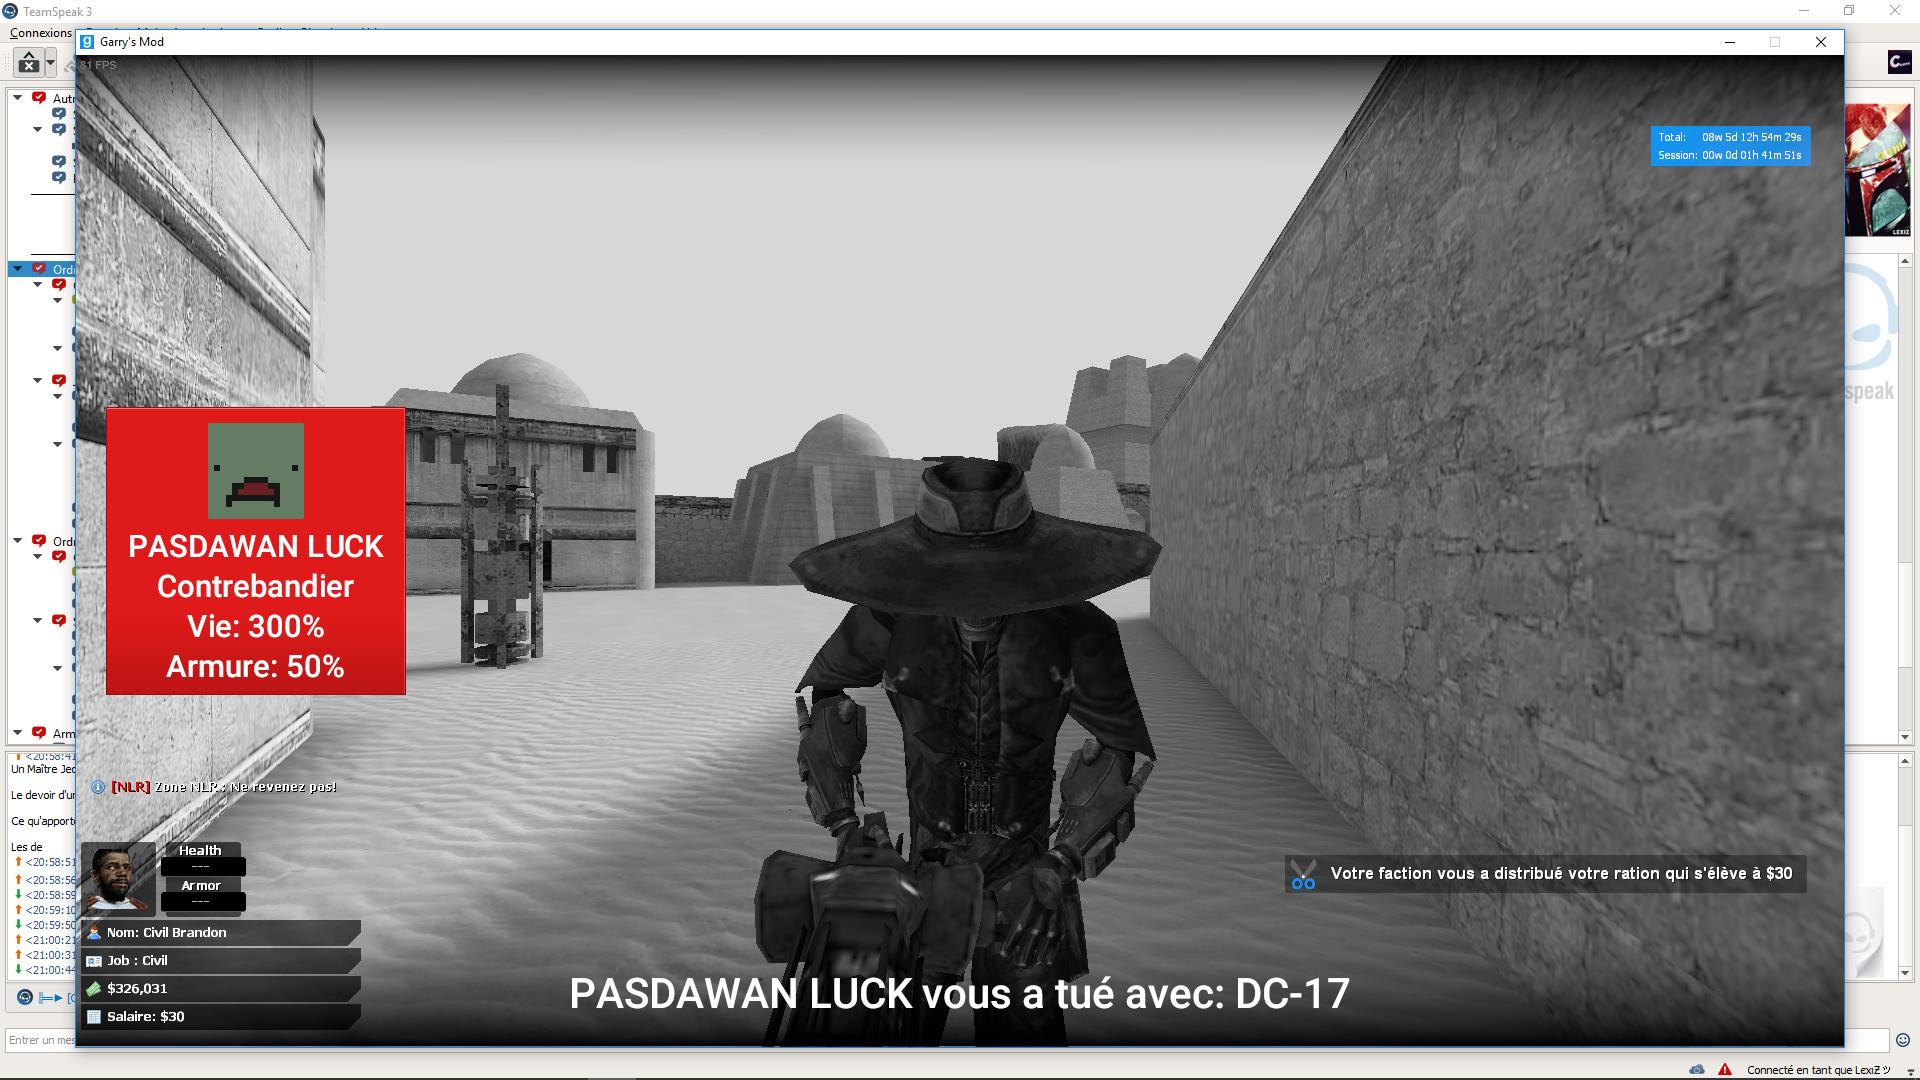 [Traitée] Plainte contre le Padawan Luck (Joueur) | SWRP 181031110842698537